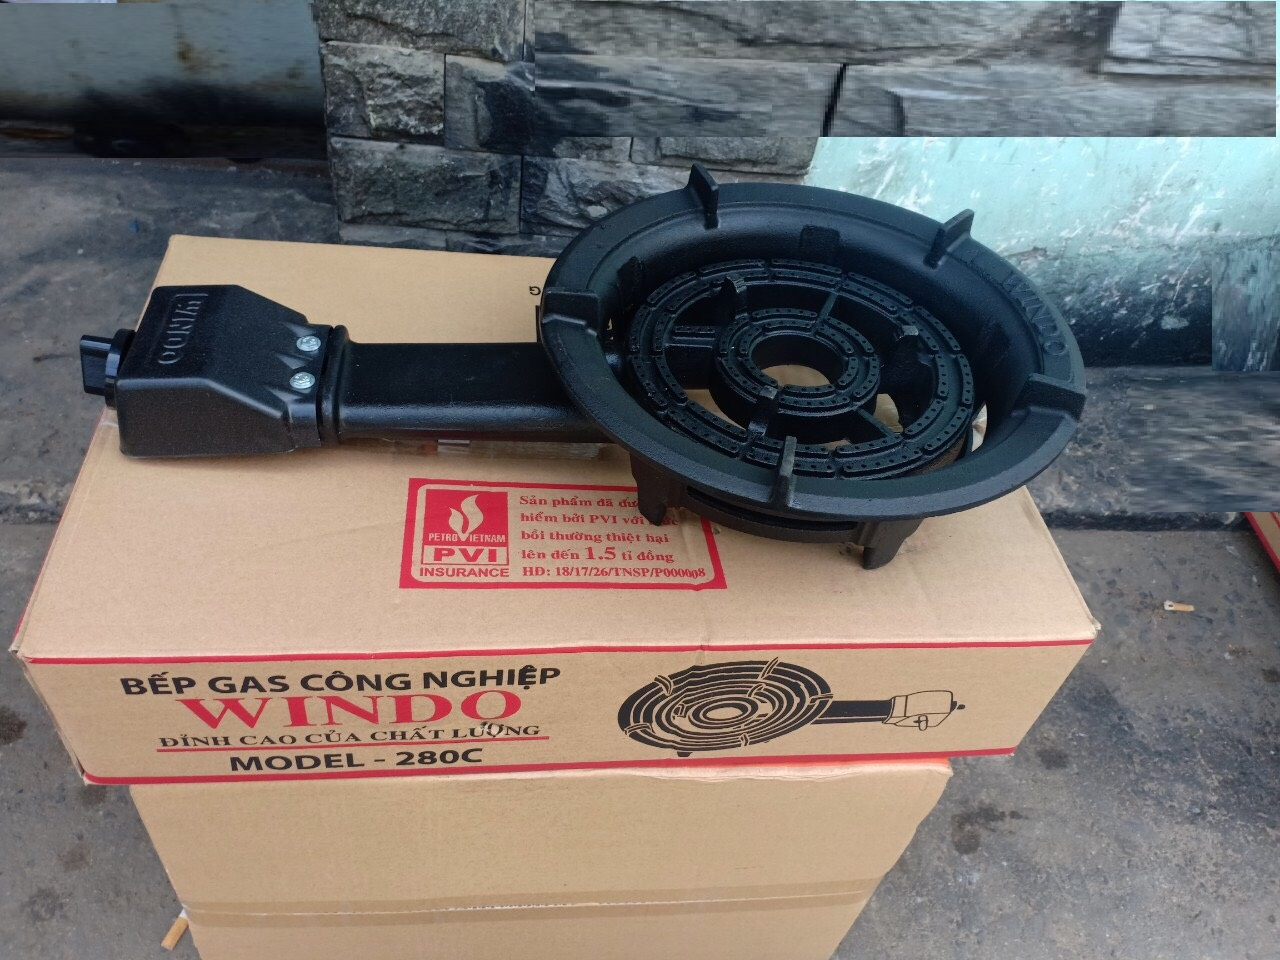 Bếp gas công nghiệp Windo- 280c ,tặng dây -Hàng Chính Hãng